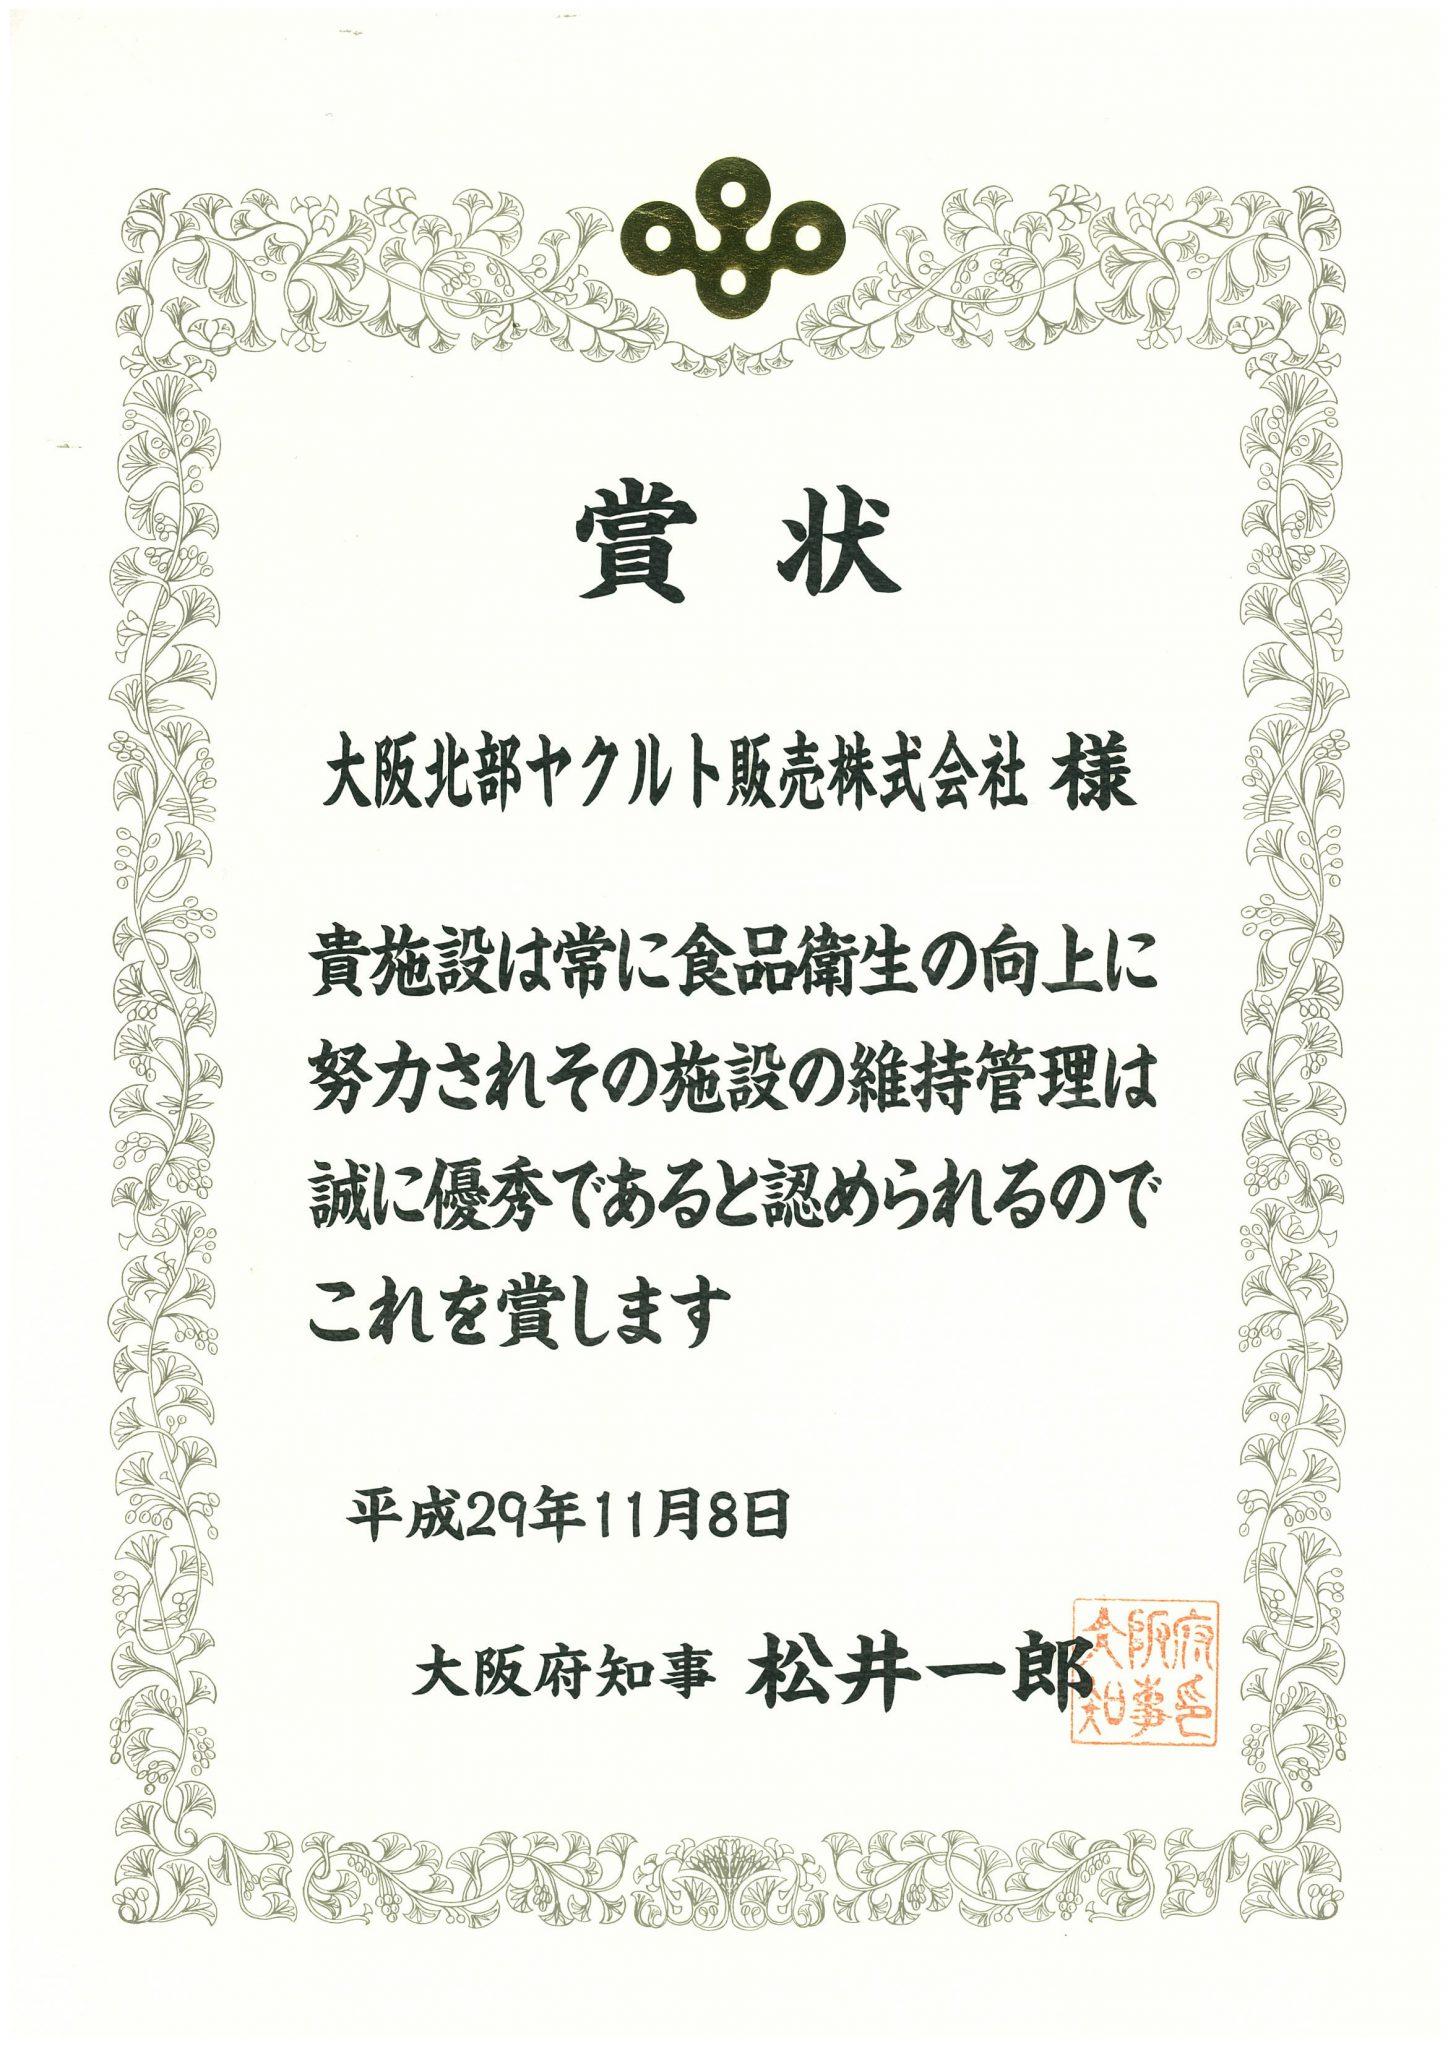 大阪北部ヤクルト